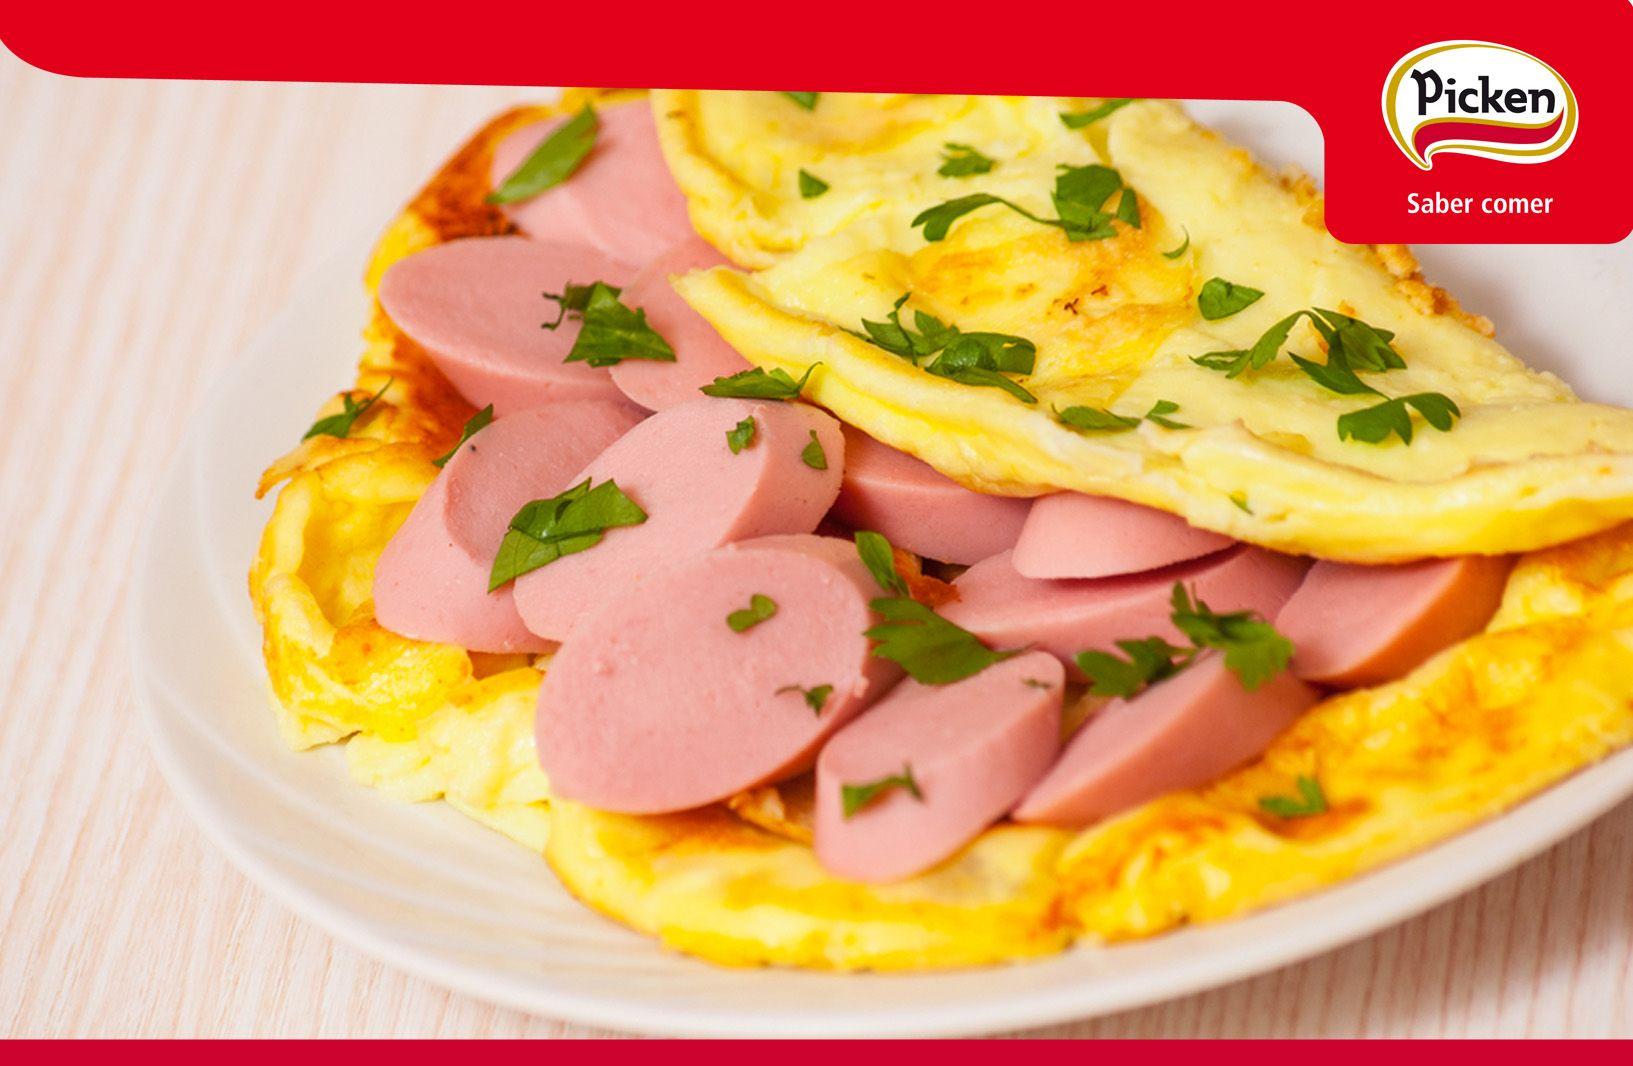 Tortilla francesa rellena de #SalchichasPicken. ¡Una manera original de presentar el plato para pequeños y mayores!